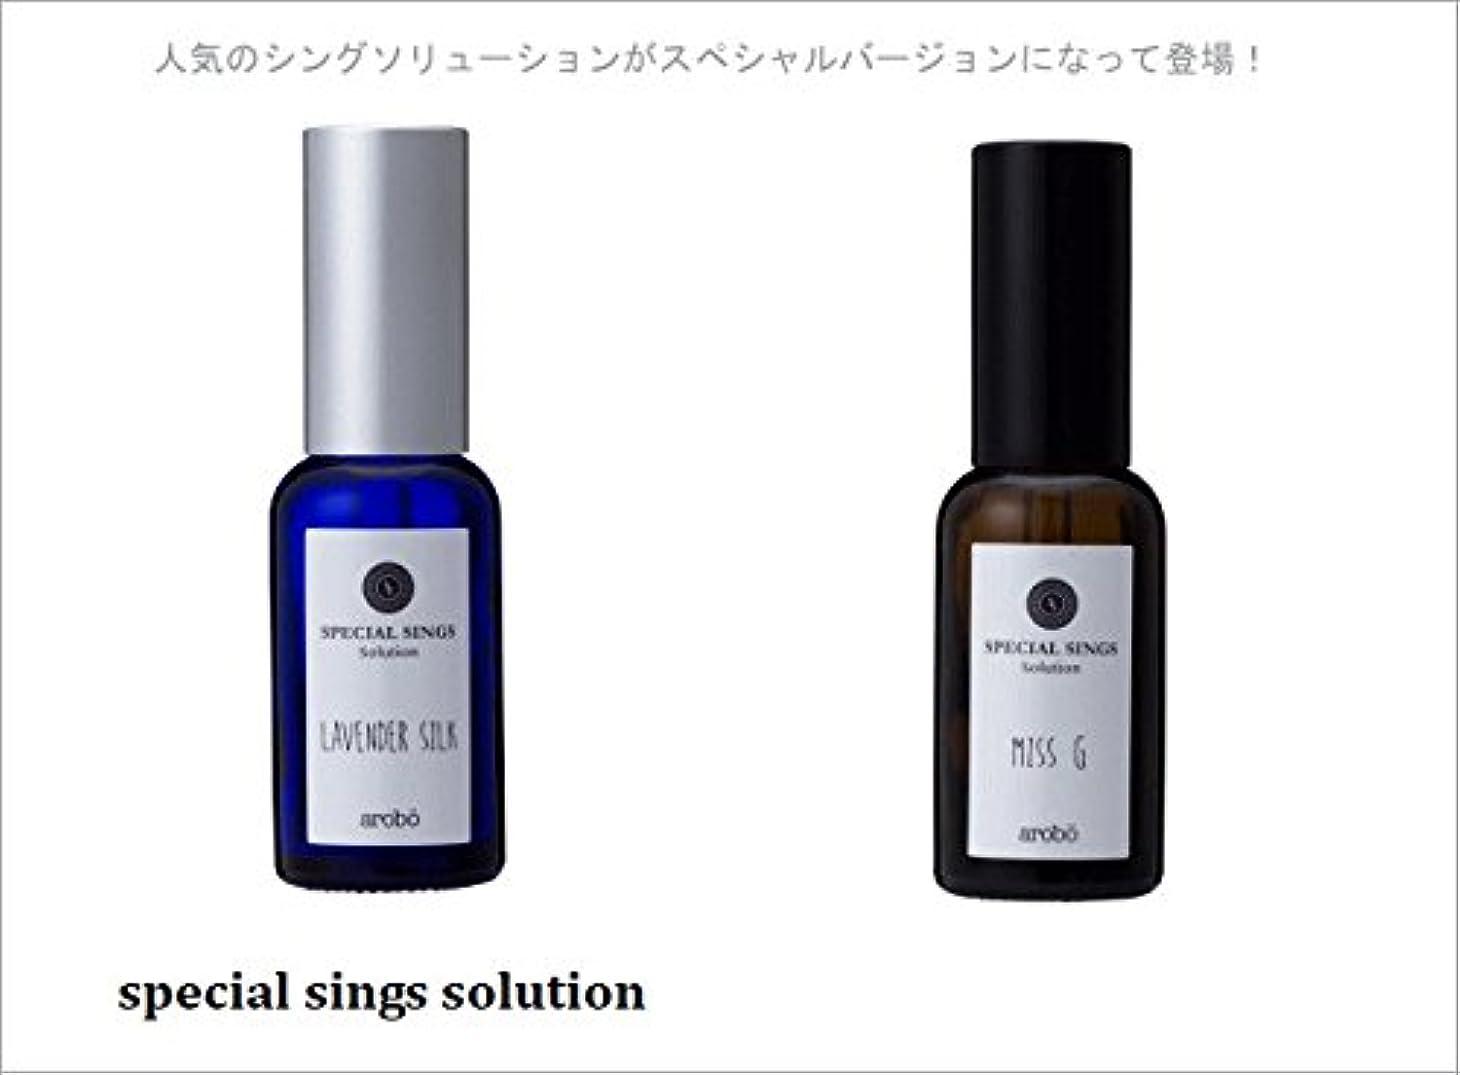 みすぼらしいトランクライブラリ歴史arobo(アロボ) 専用ソリューション CLV- 831 Lavender Silk